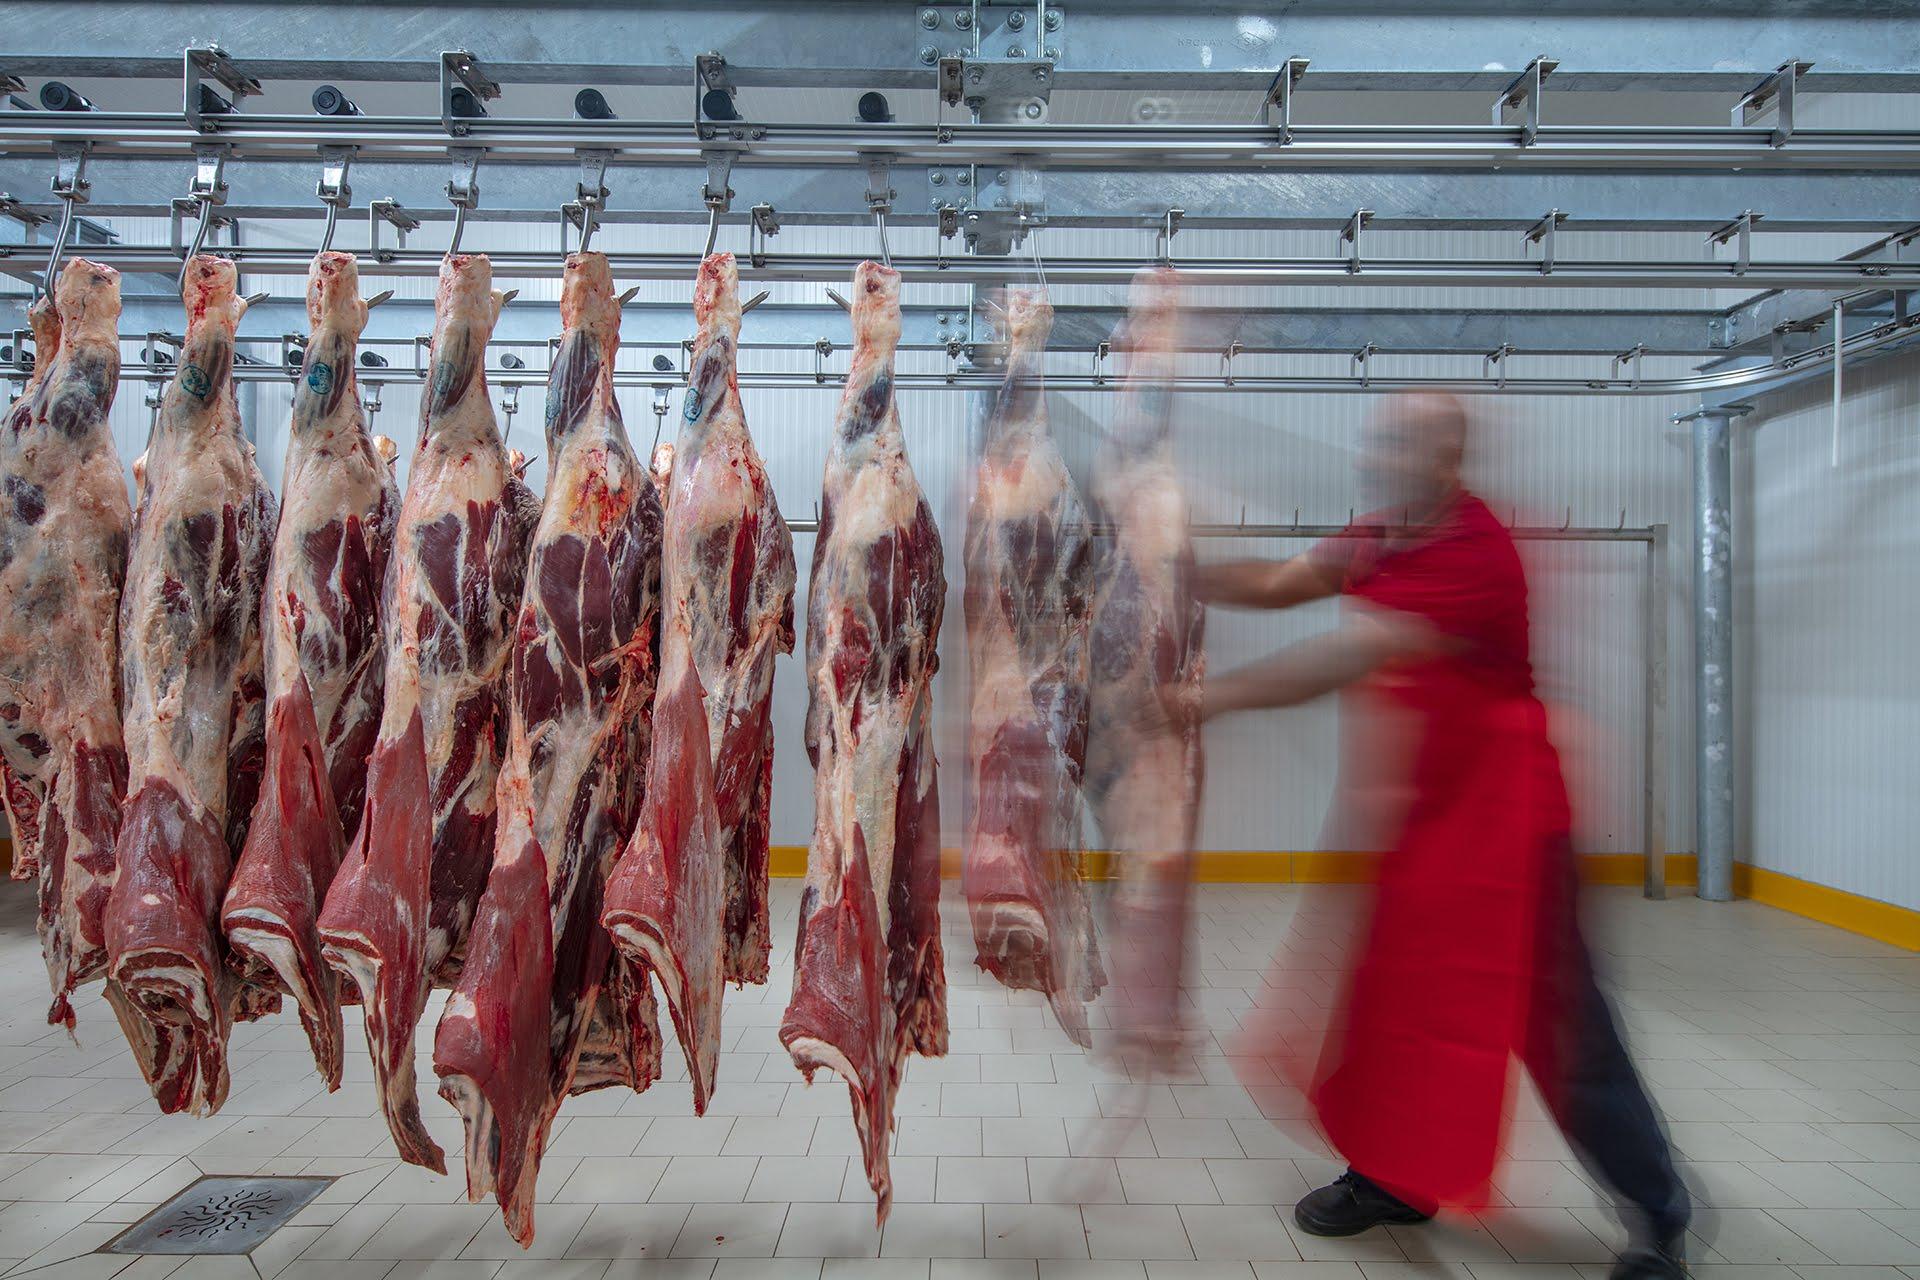 Macellazione Carni e Lavorazione Carni Conto Terzi